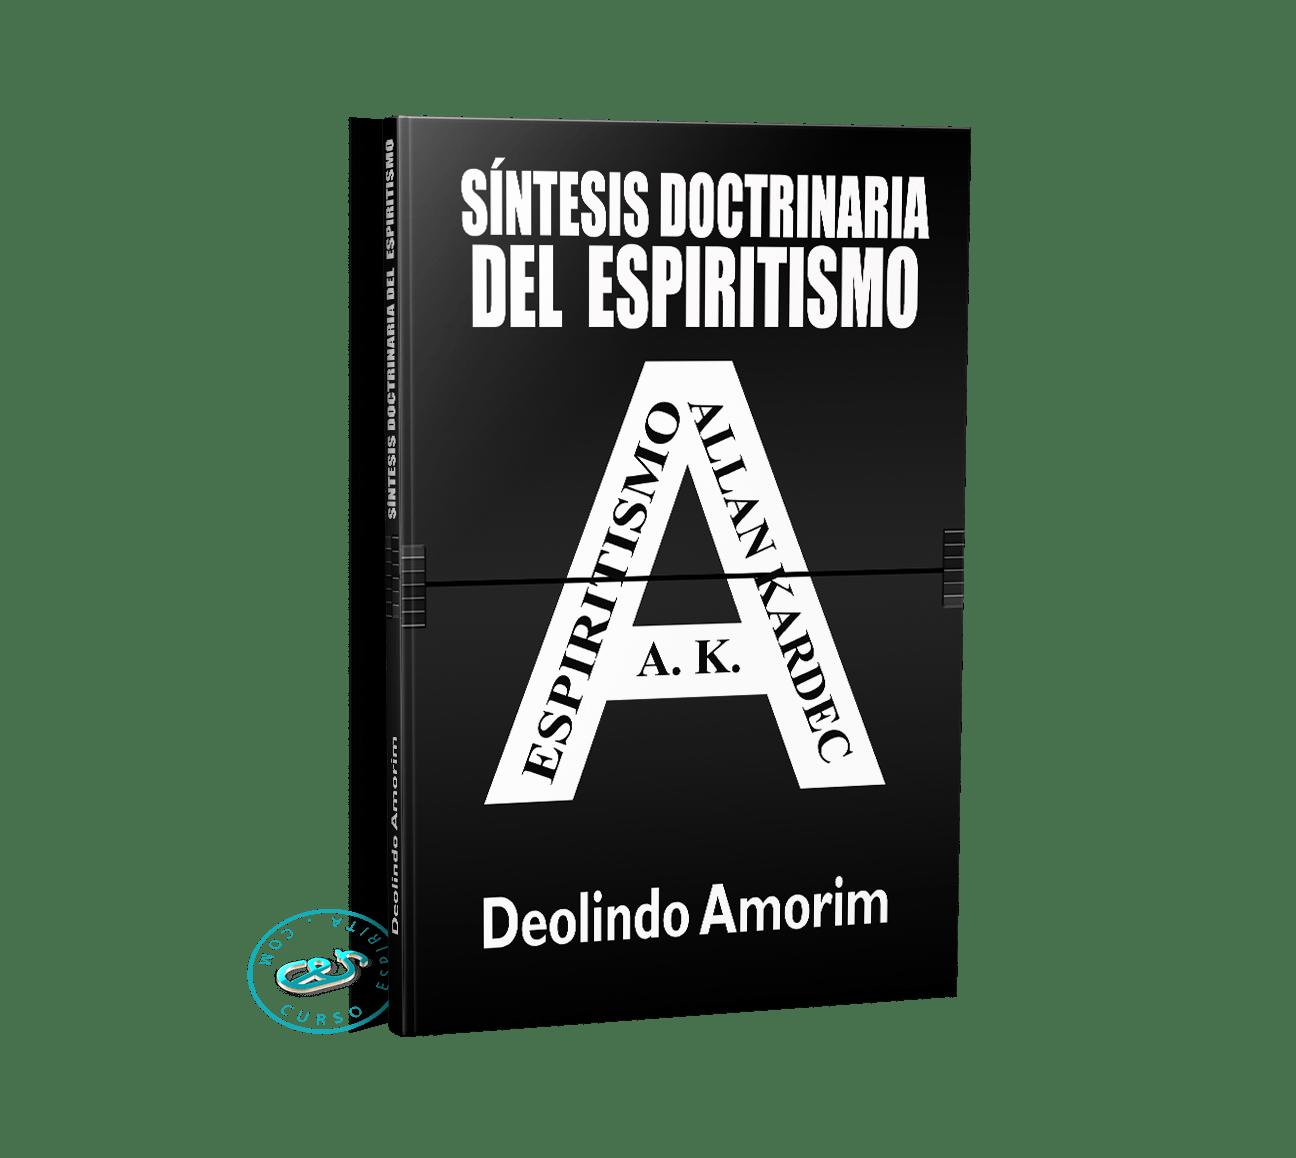 Portada Síntesis Doctrinaria del Espiritismo por Deolindo Amorim